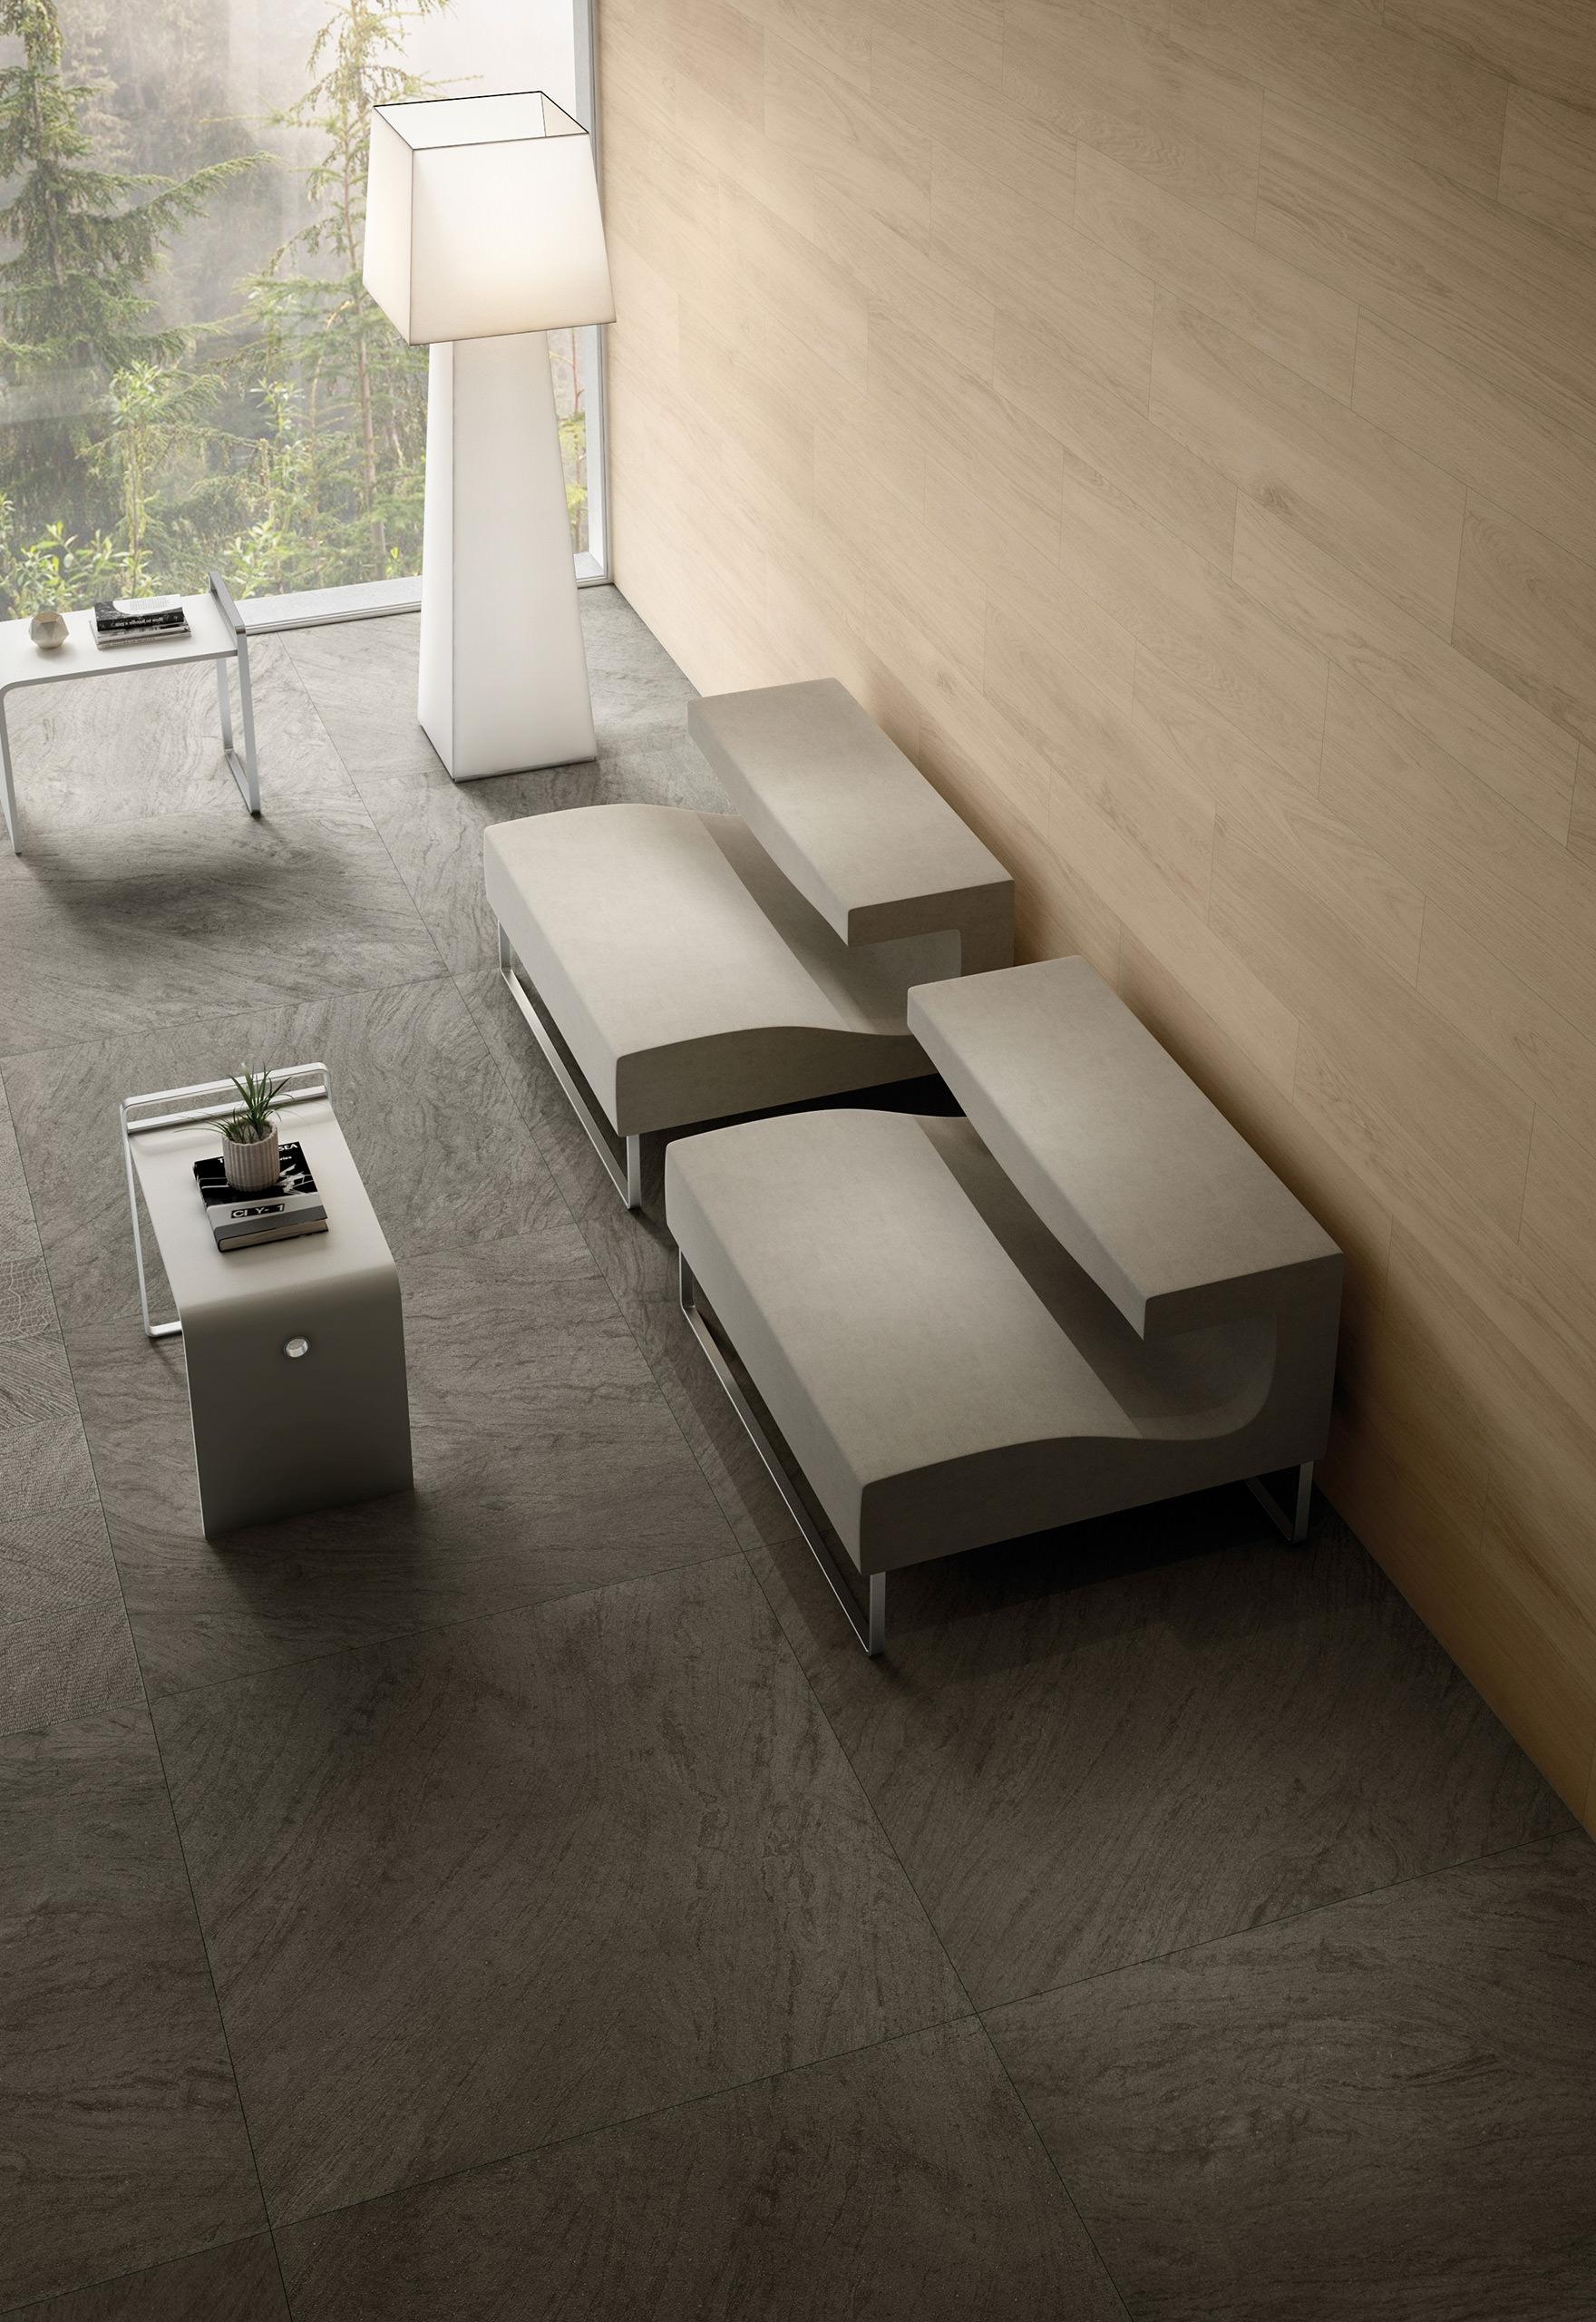 Rendering esterni interni fotorealistici Caesar living sedie